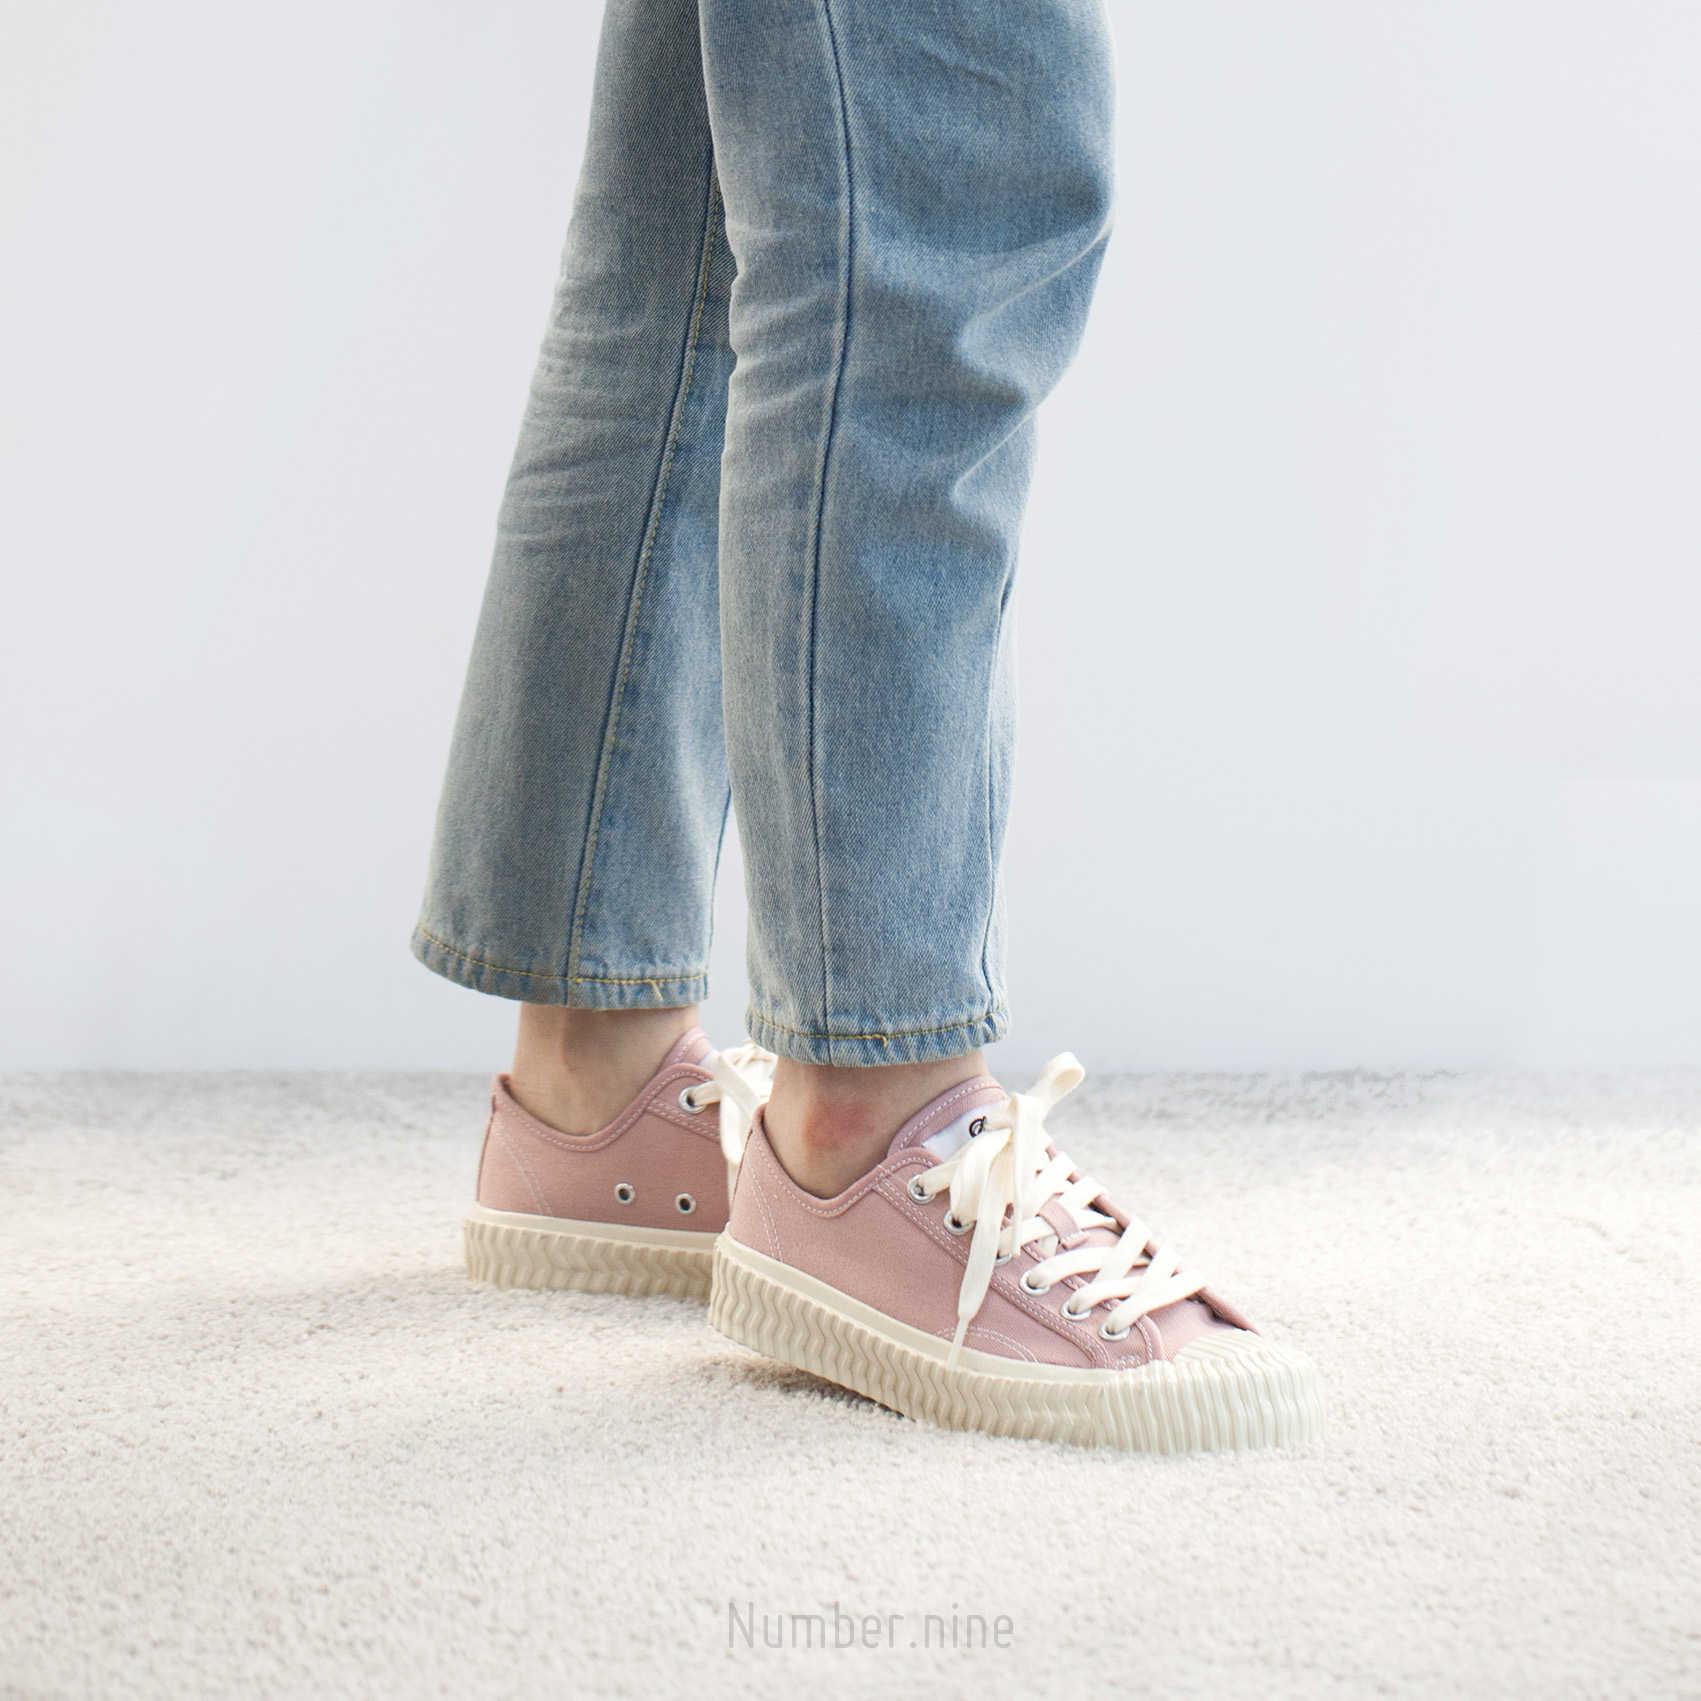 【有閑運動】EXCELSIOR BOLT LOW 餅乾鞋 粉紅